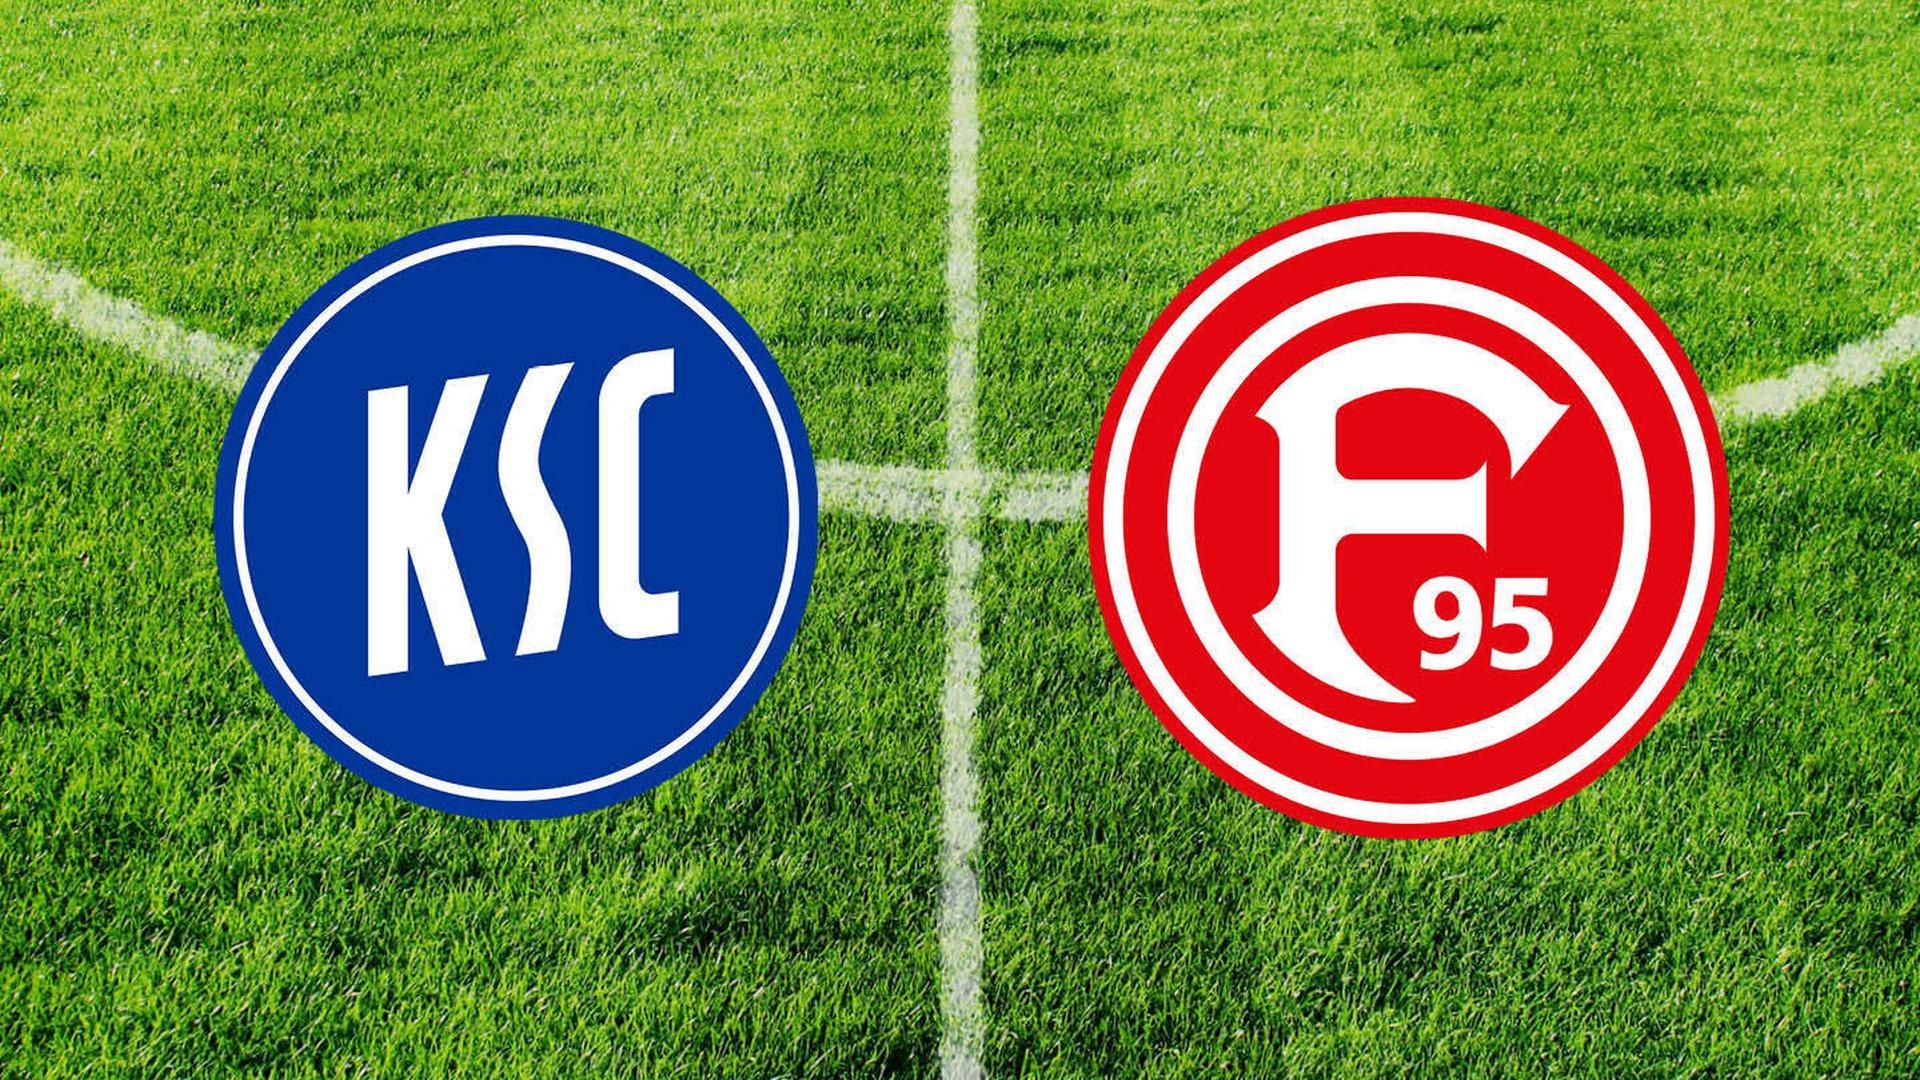 Der KSC empfängt Fortuna Düsseldorf. Das Spiel im BNN-Live-Ticker.